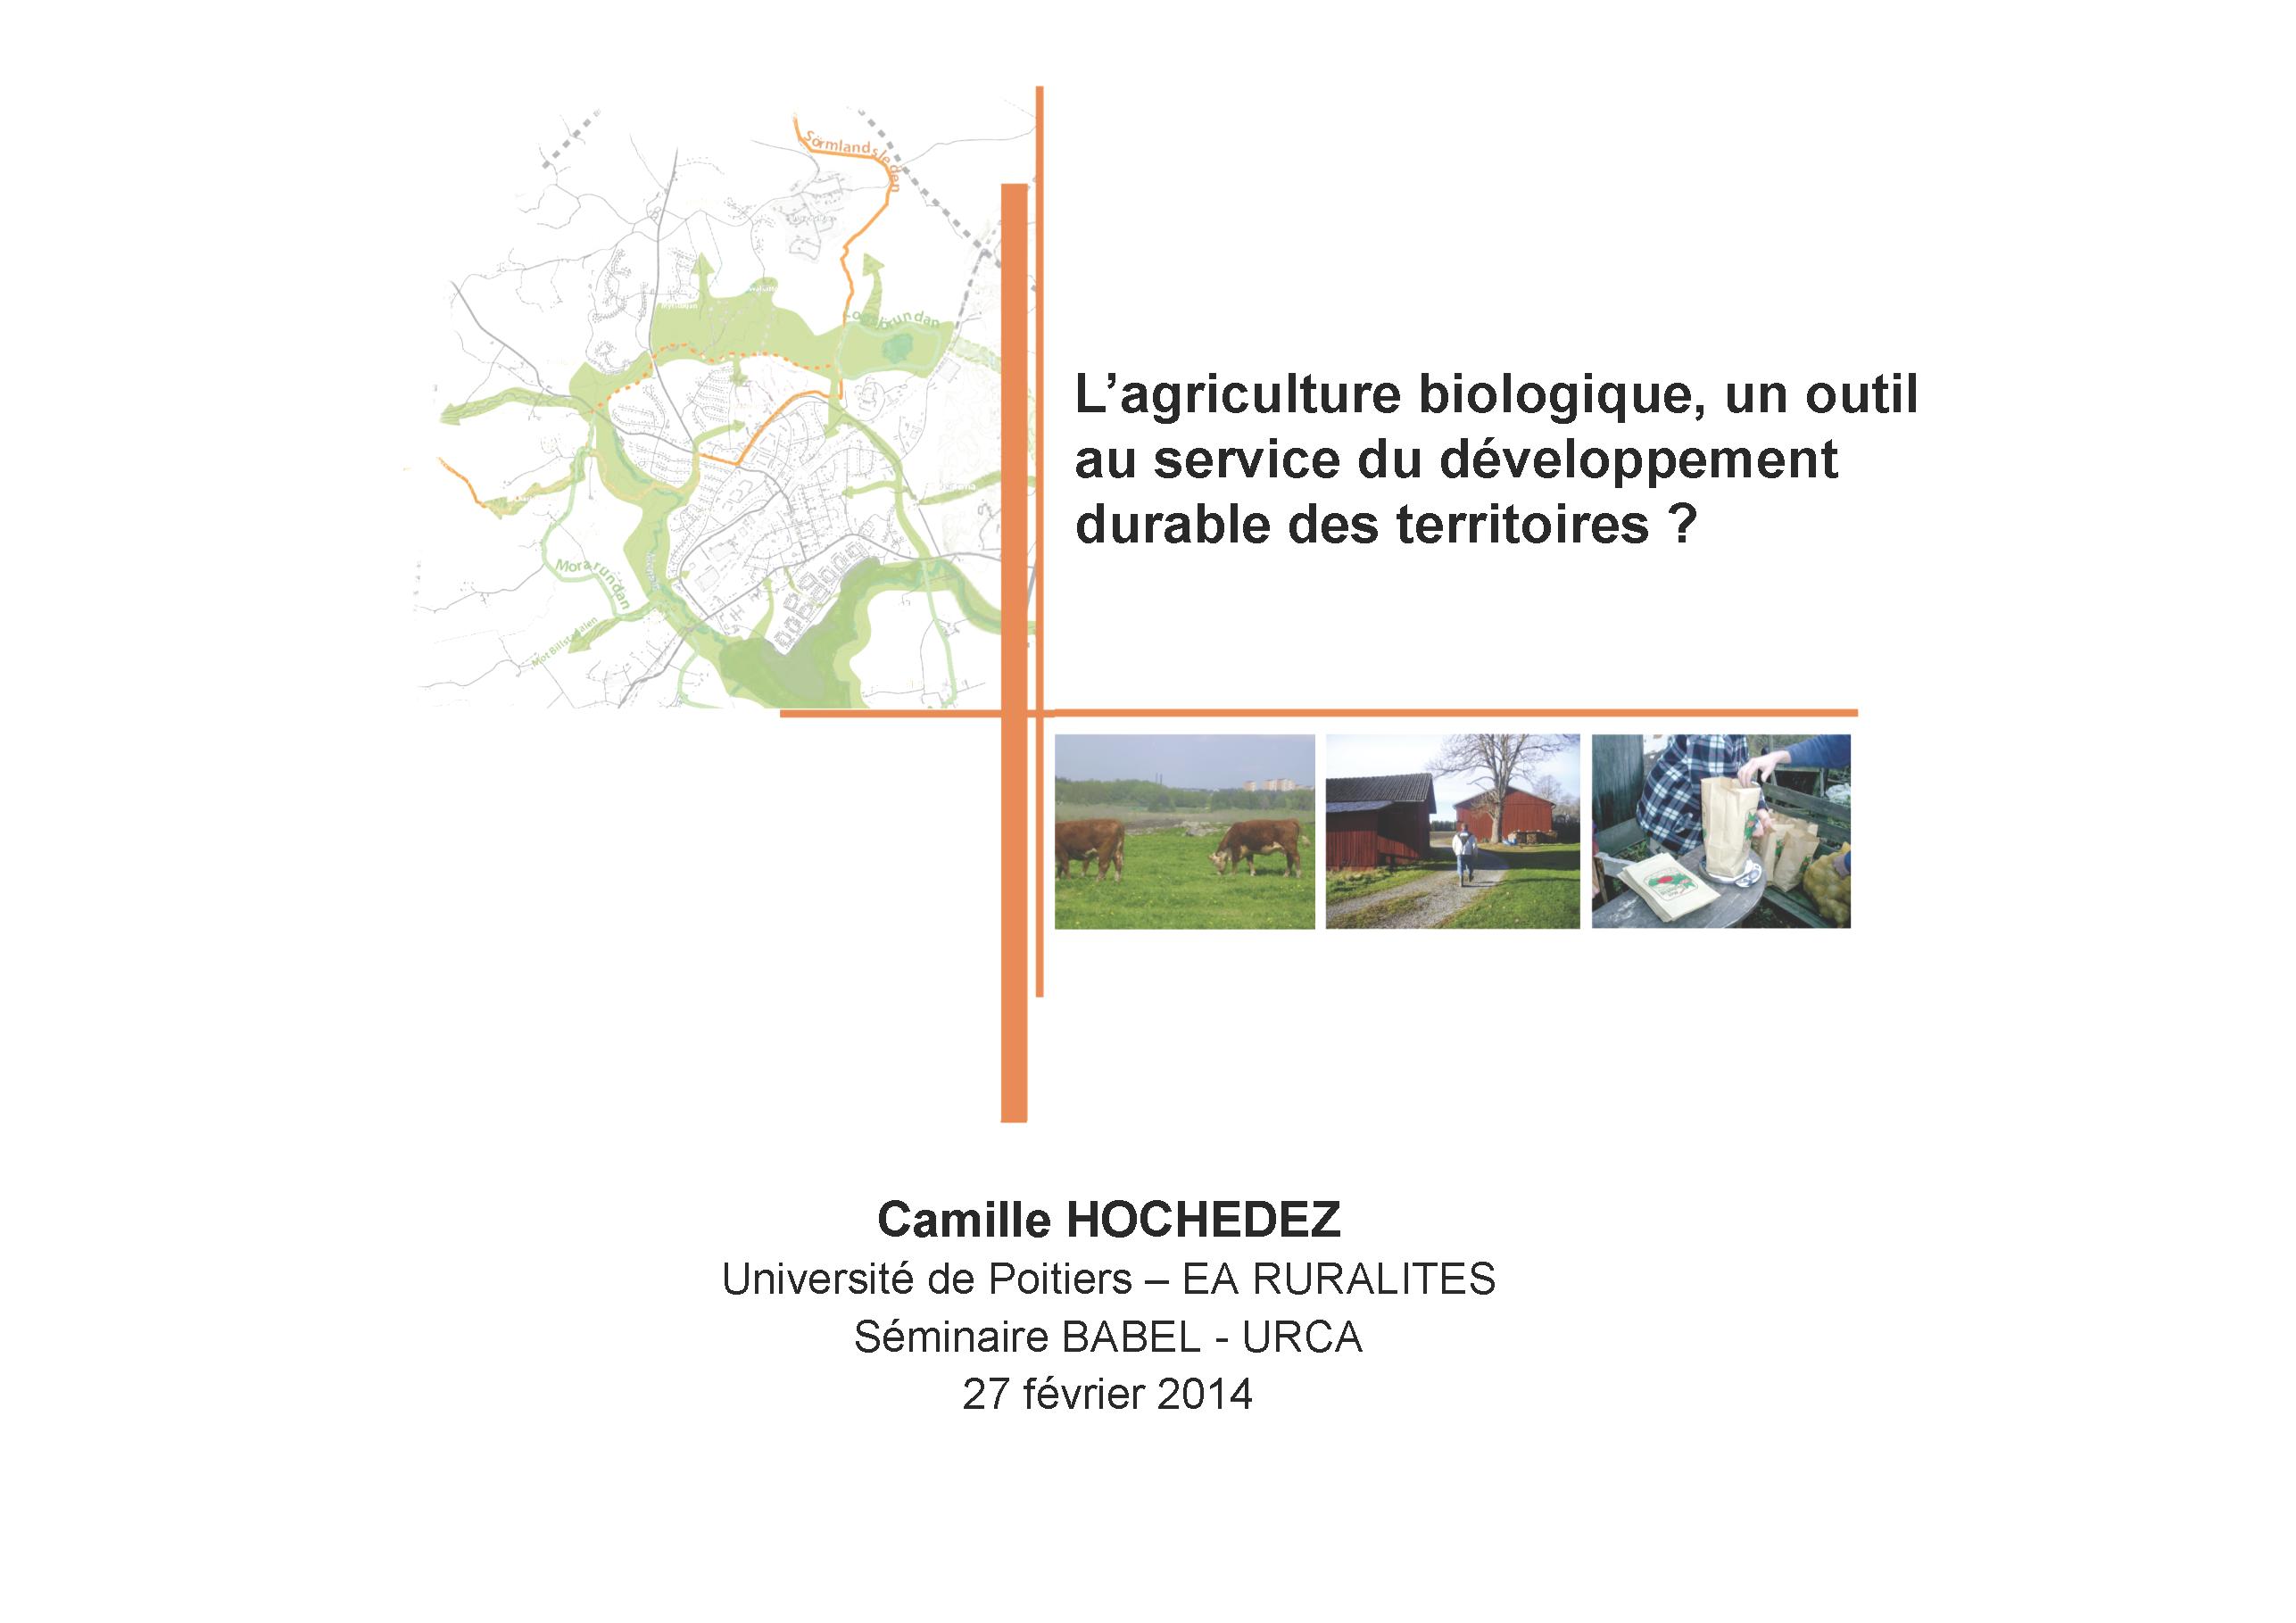 Présentation Hochedez - Agriculture biologique